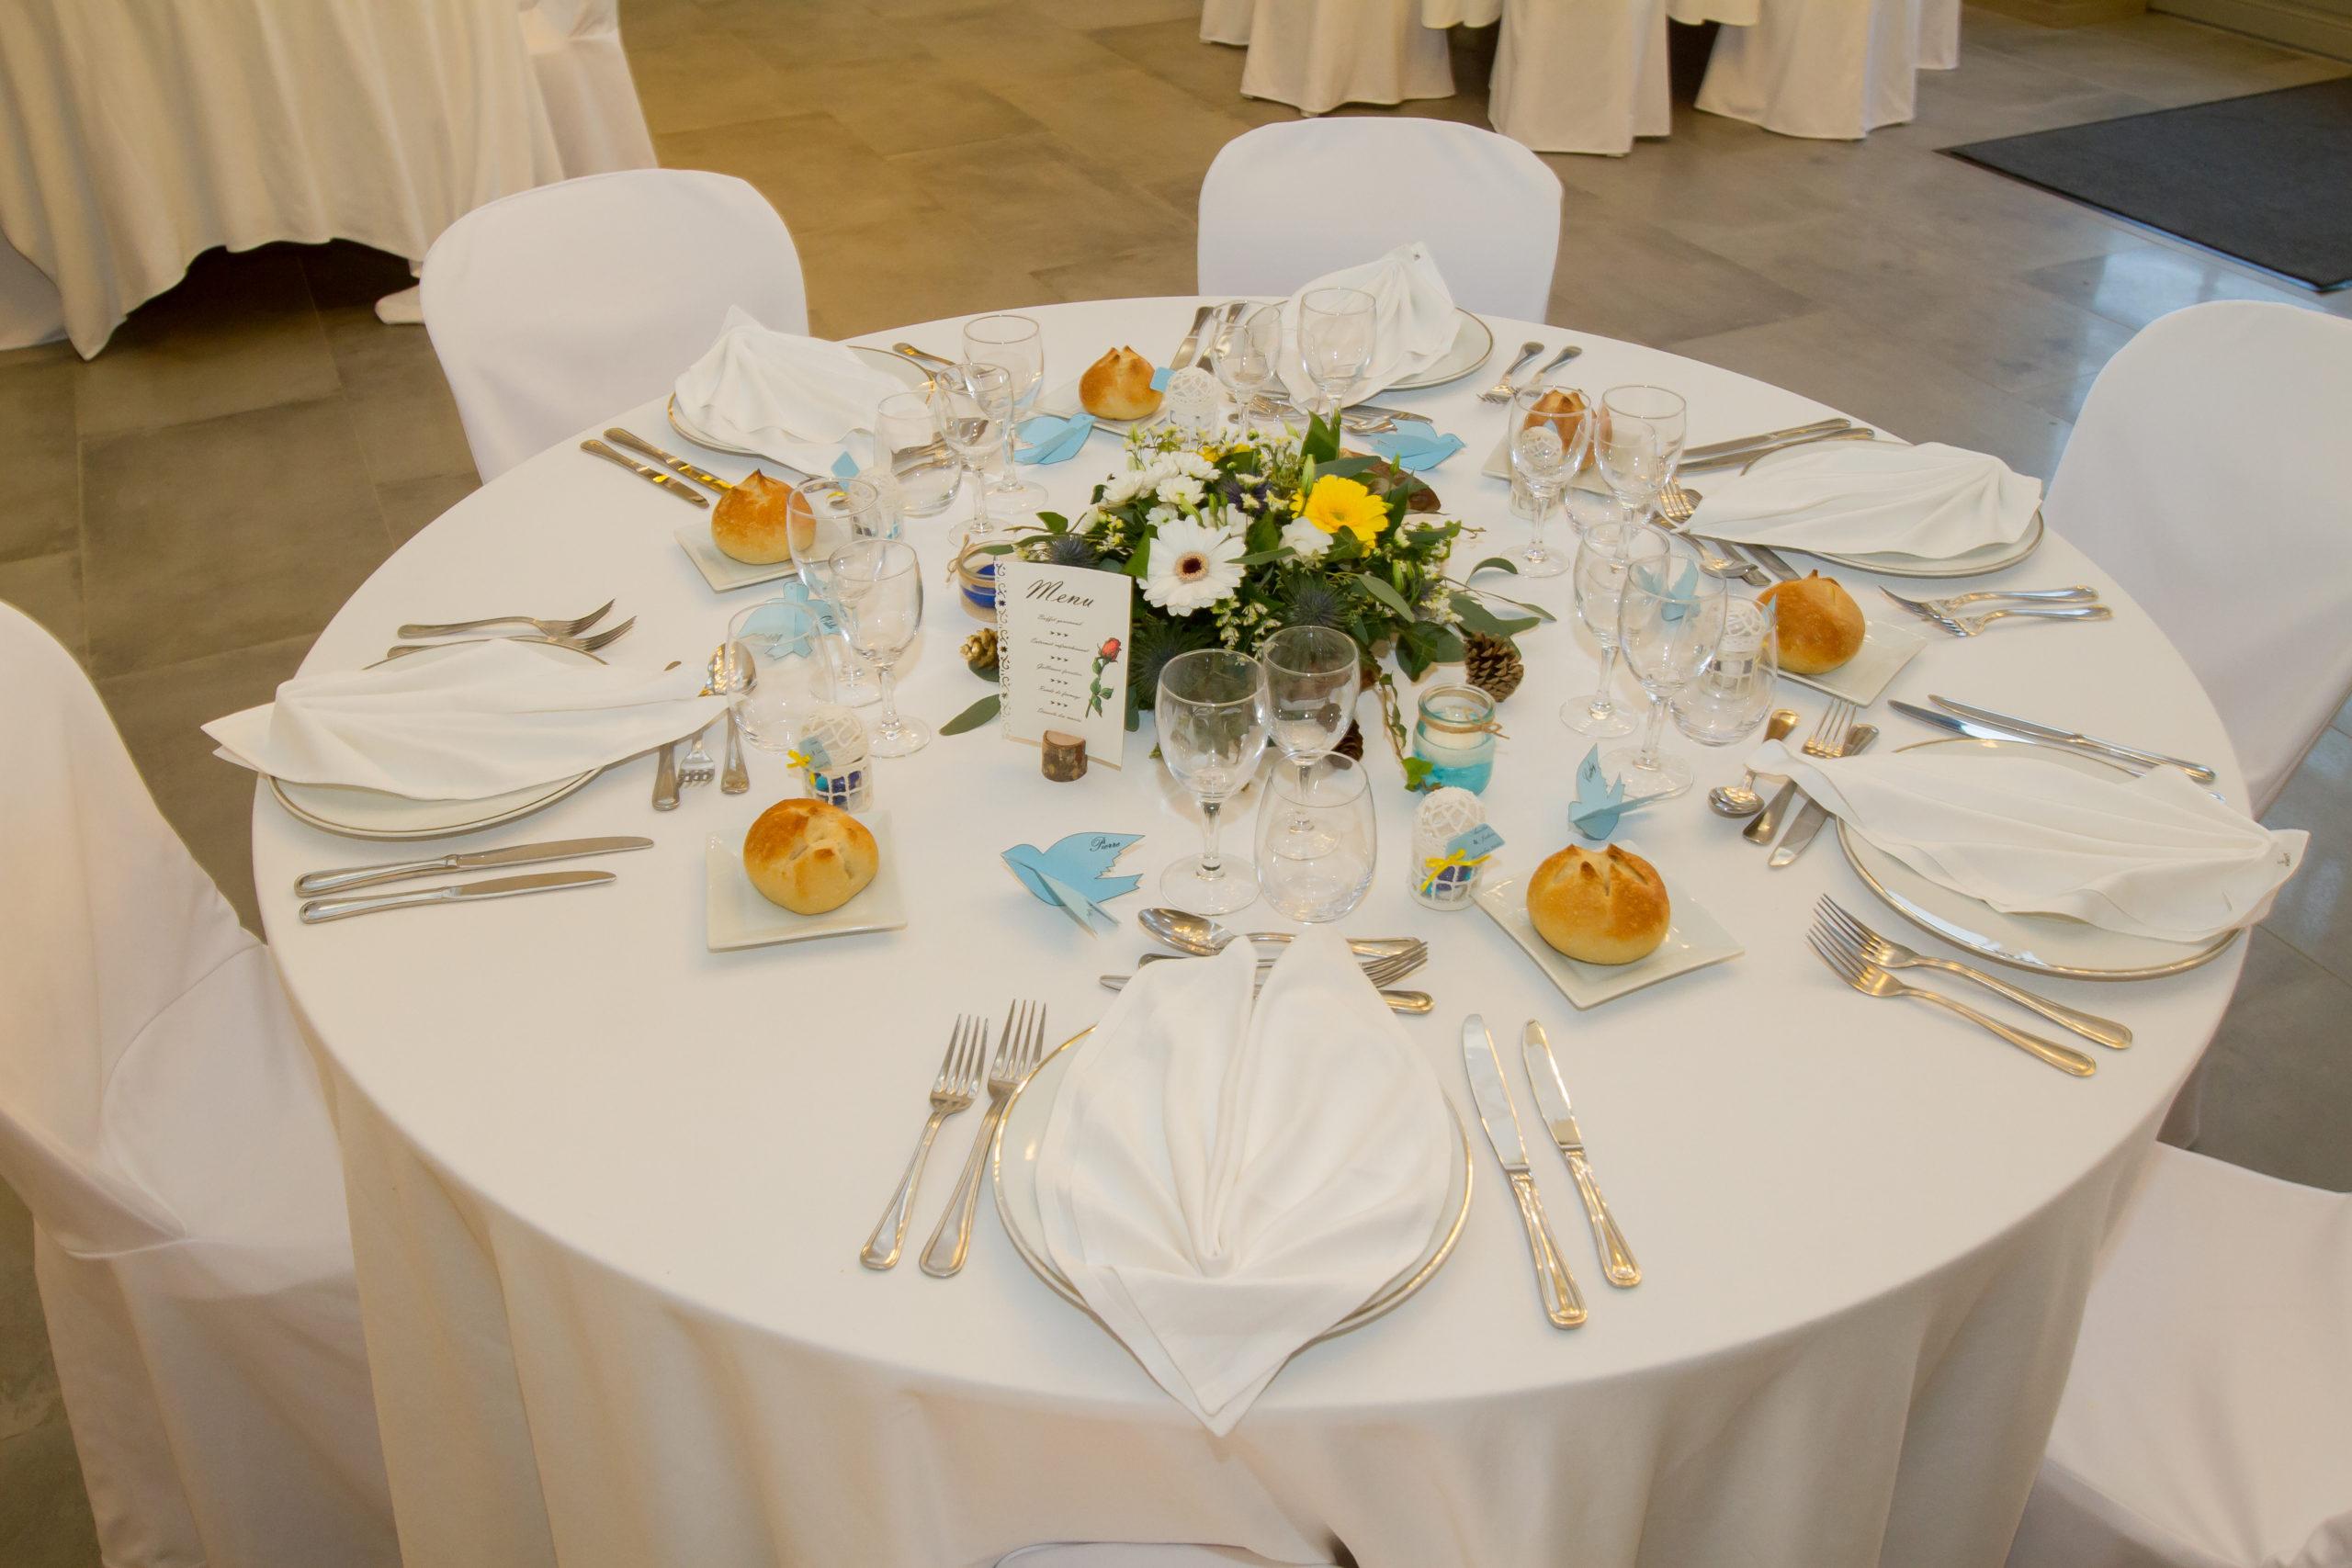 Mariage A&J - Table dressée pour un mariage - C&D Events Wedding planner Oise et Paris